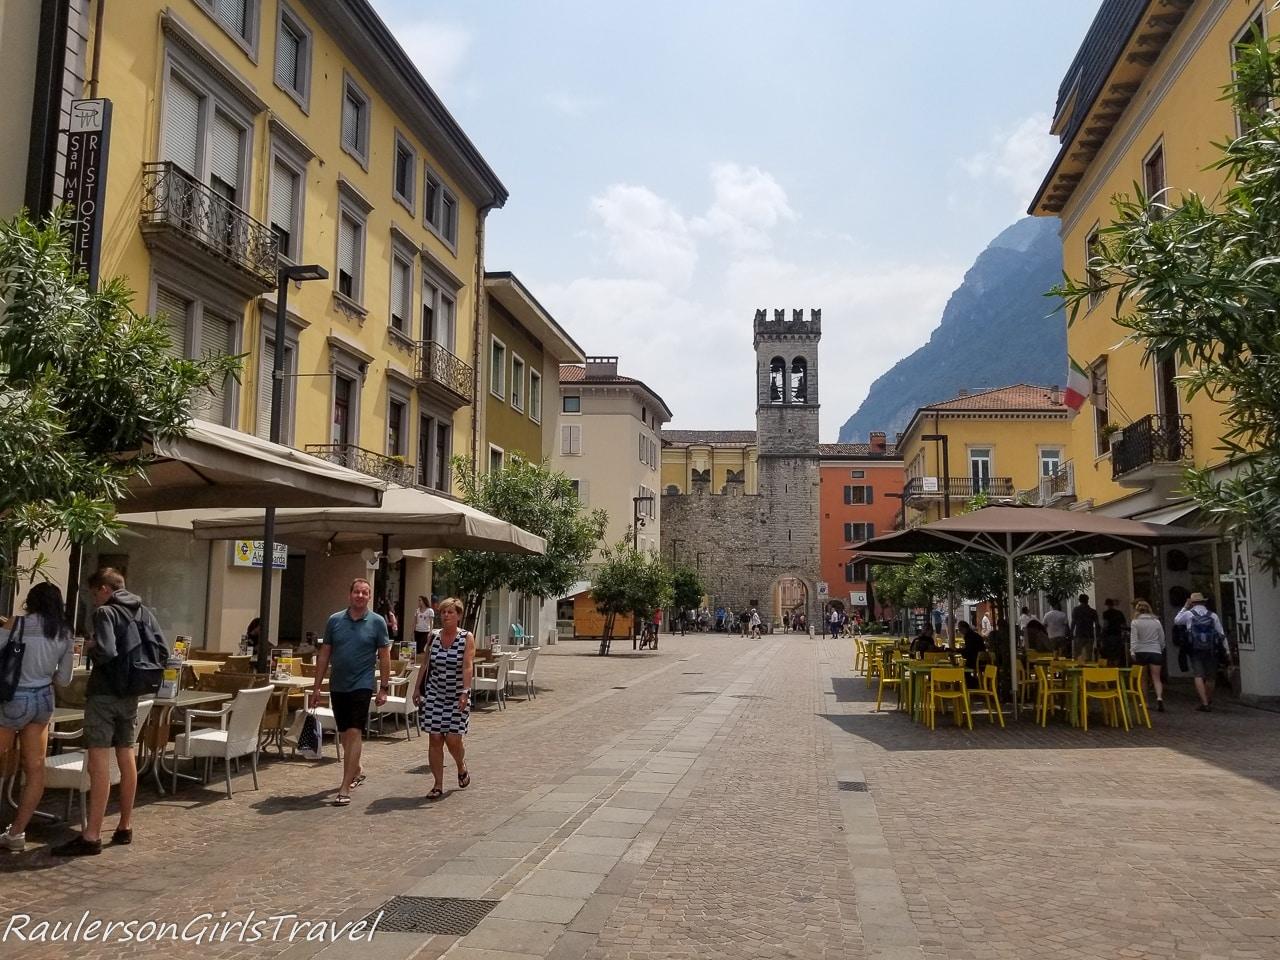 Heading into the town of Riva del Garda